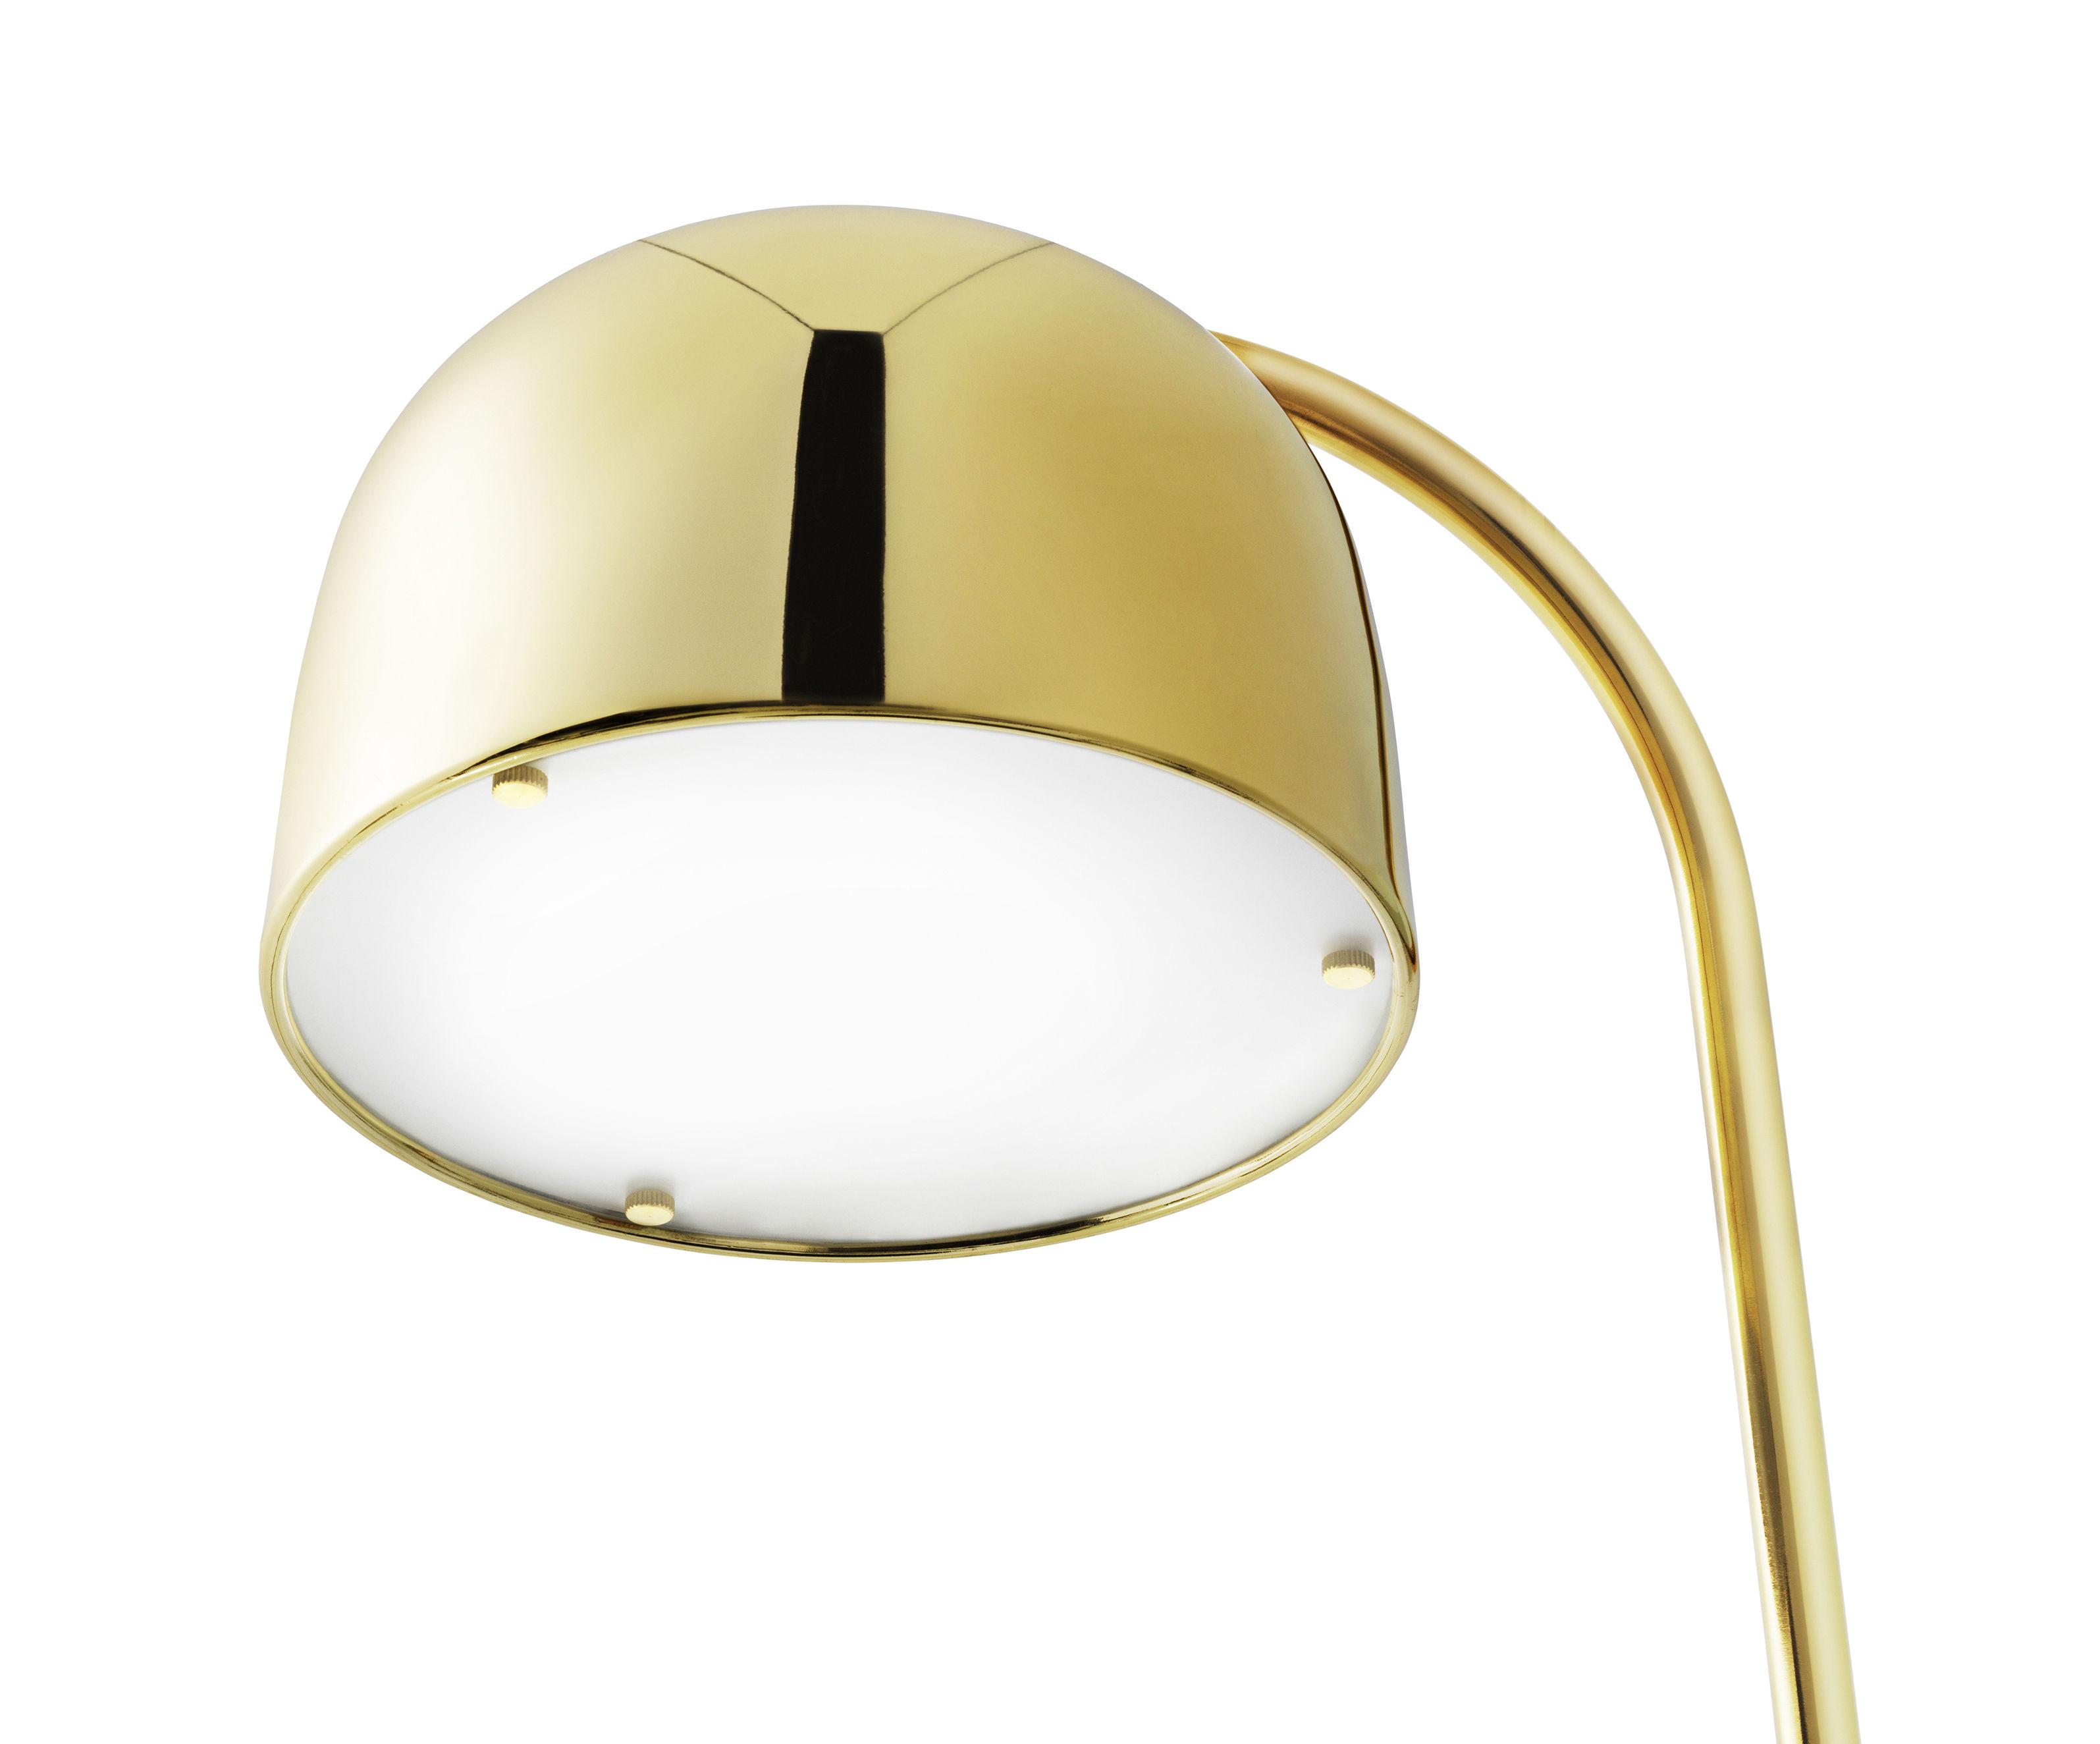 Lampada da tavolo grant normann copenhagen ottone h Ø